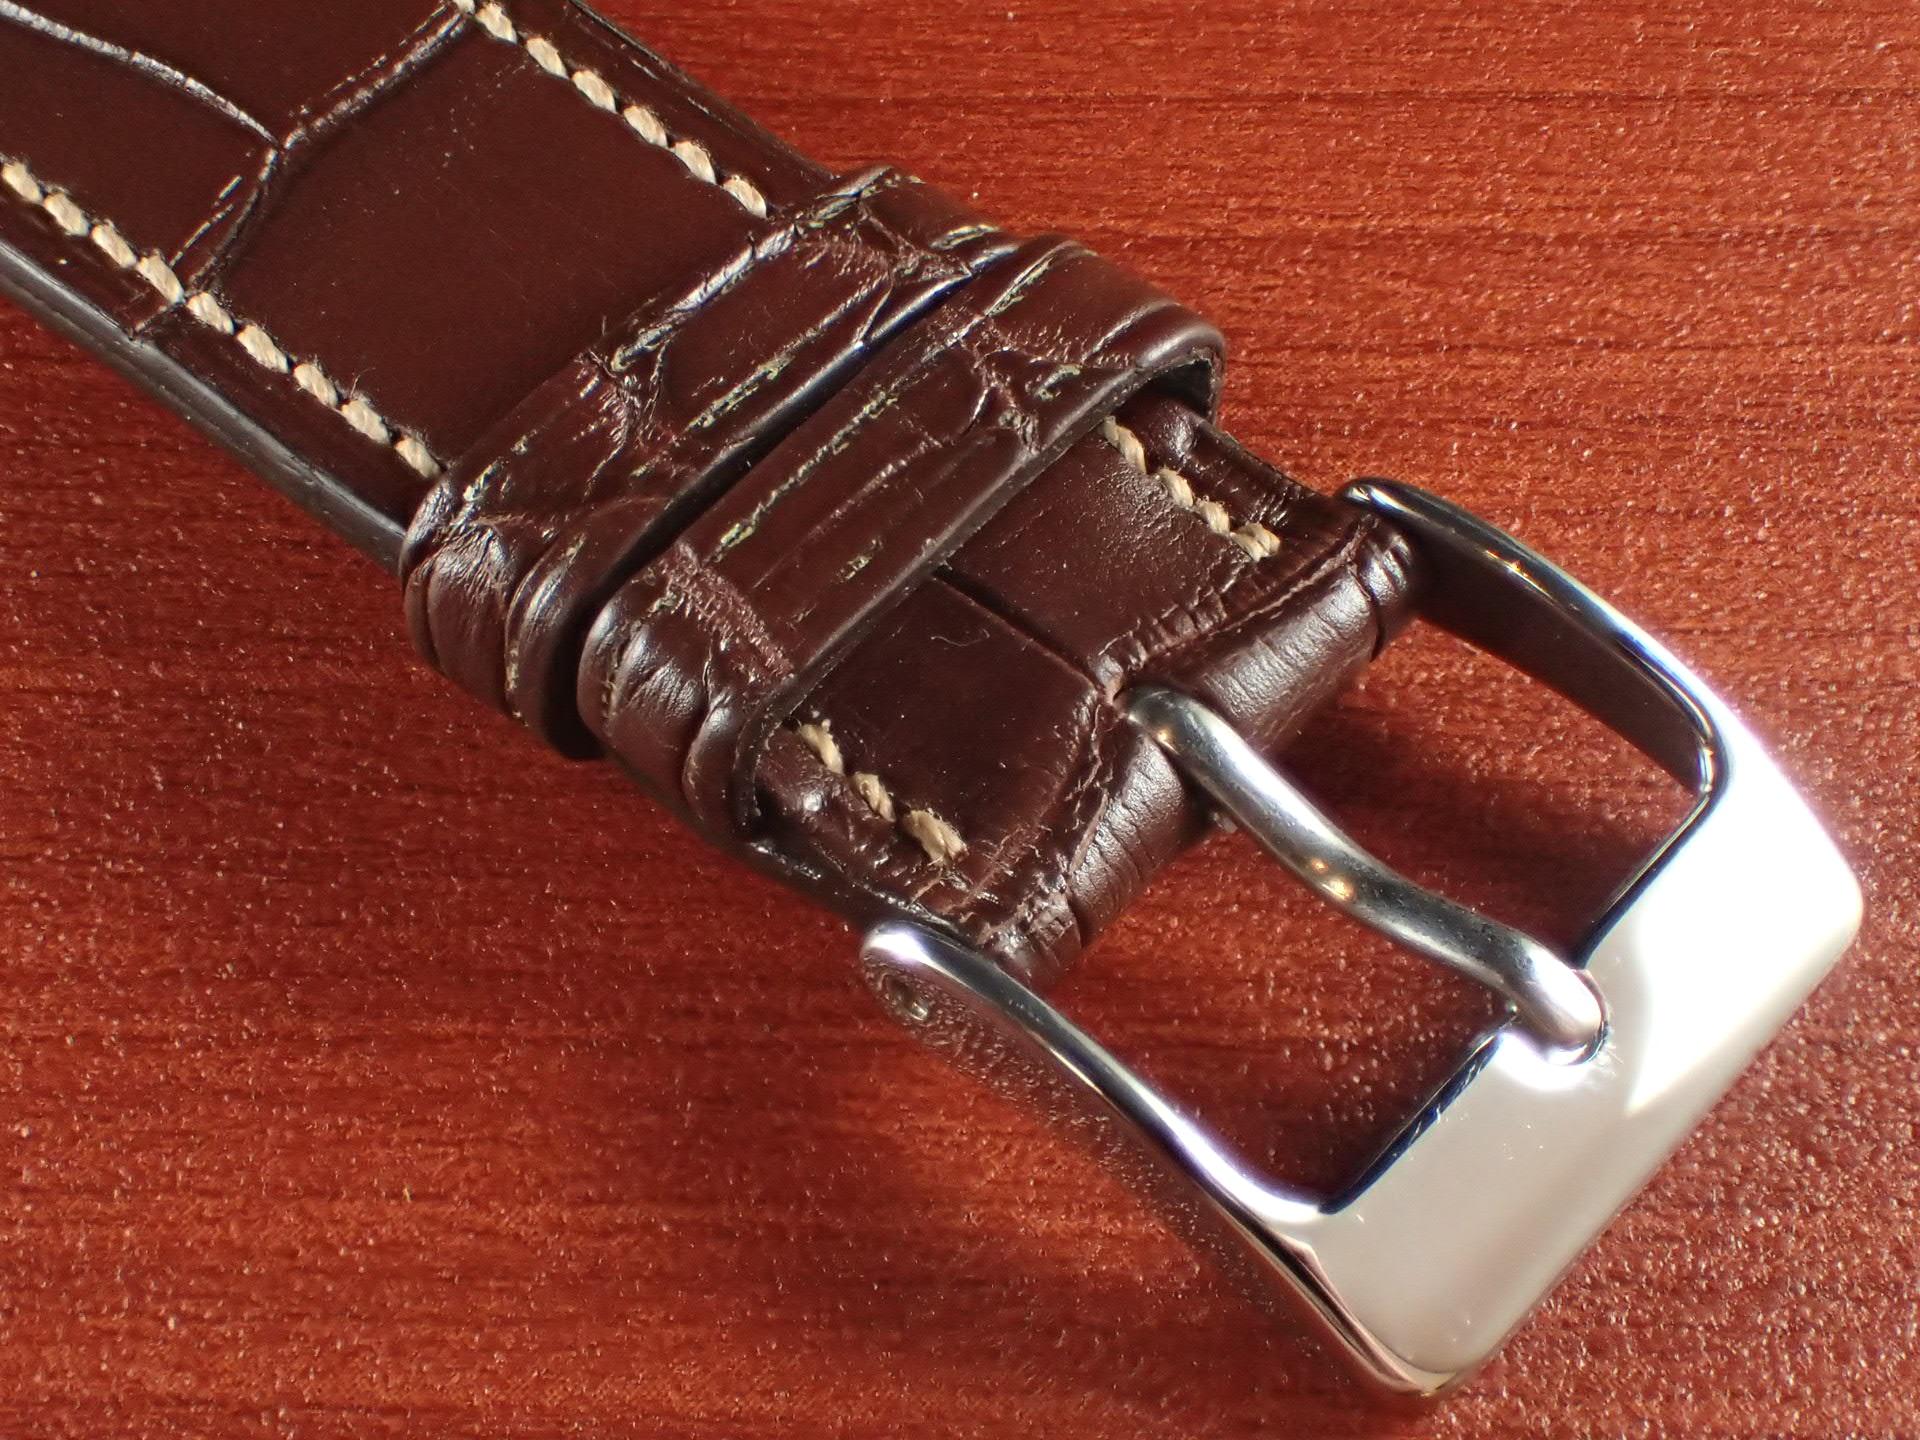 ジャン・クロード ペラン革ベルト クロコダイル ダークブラウン 18mmの写真3枚目